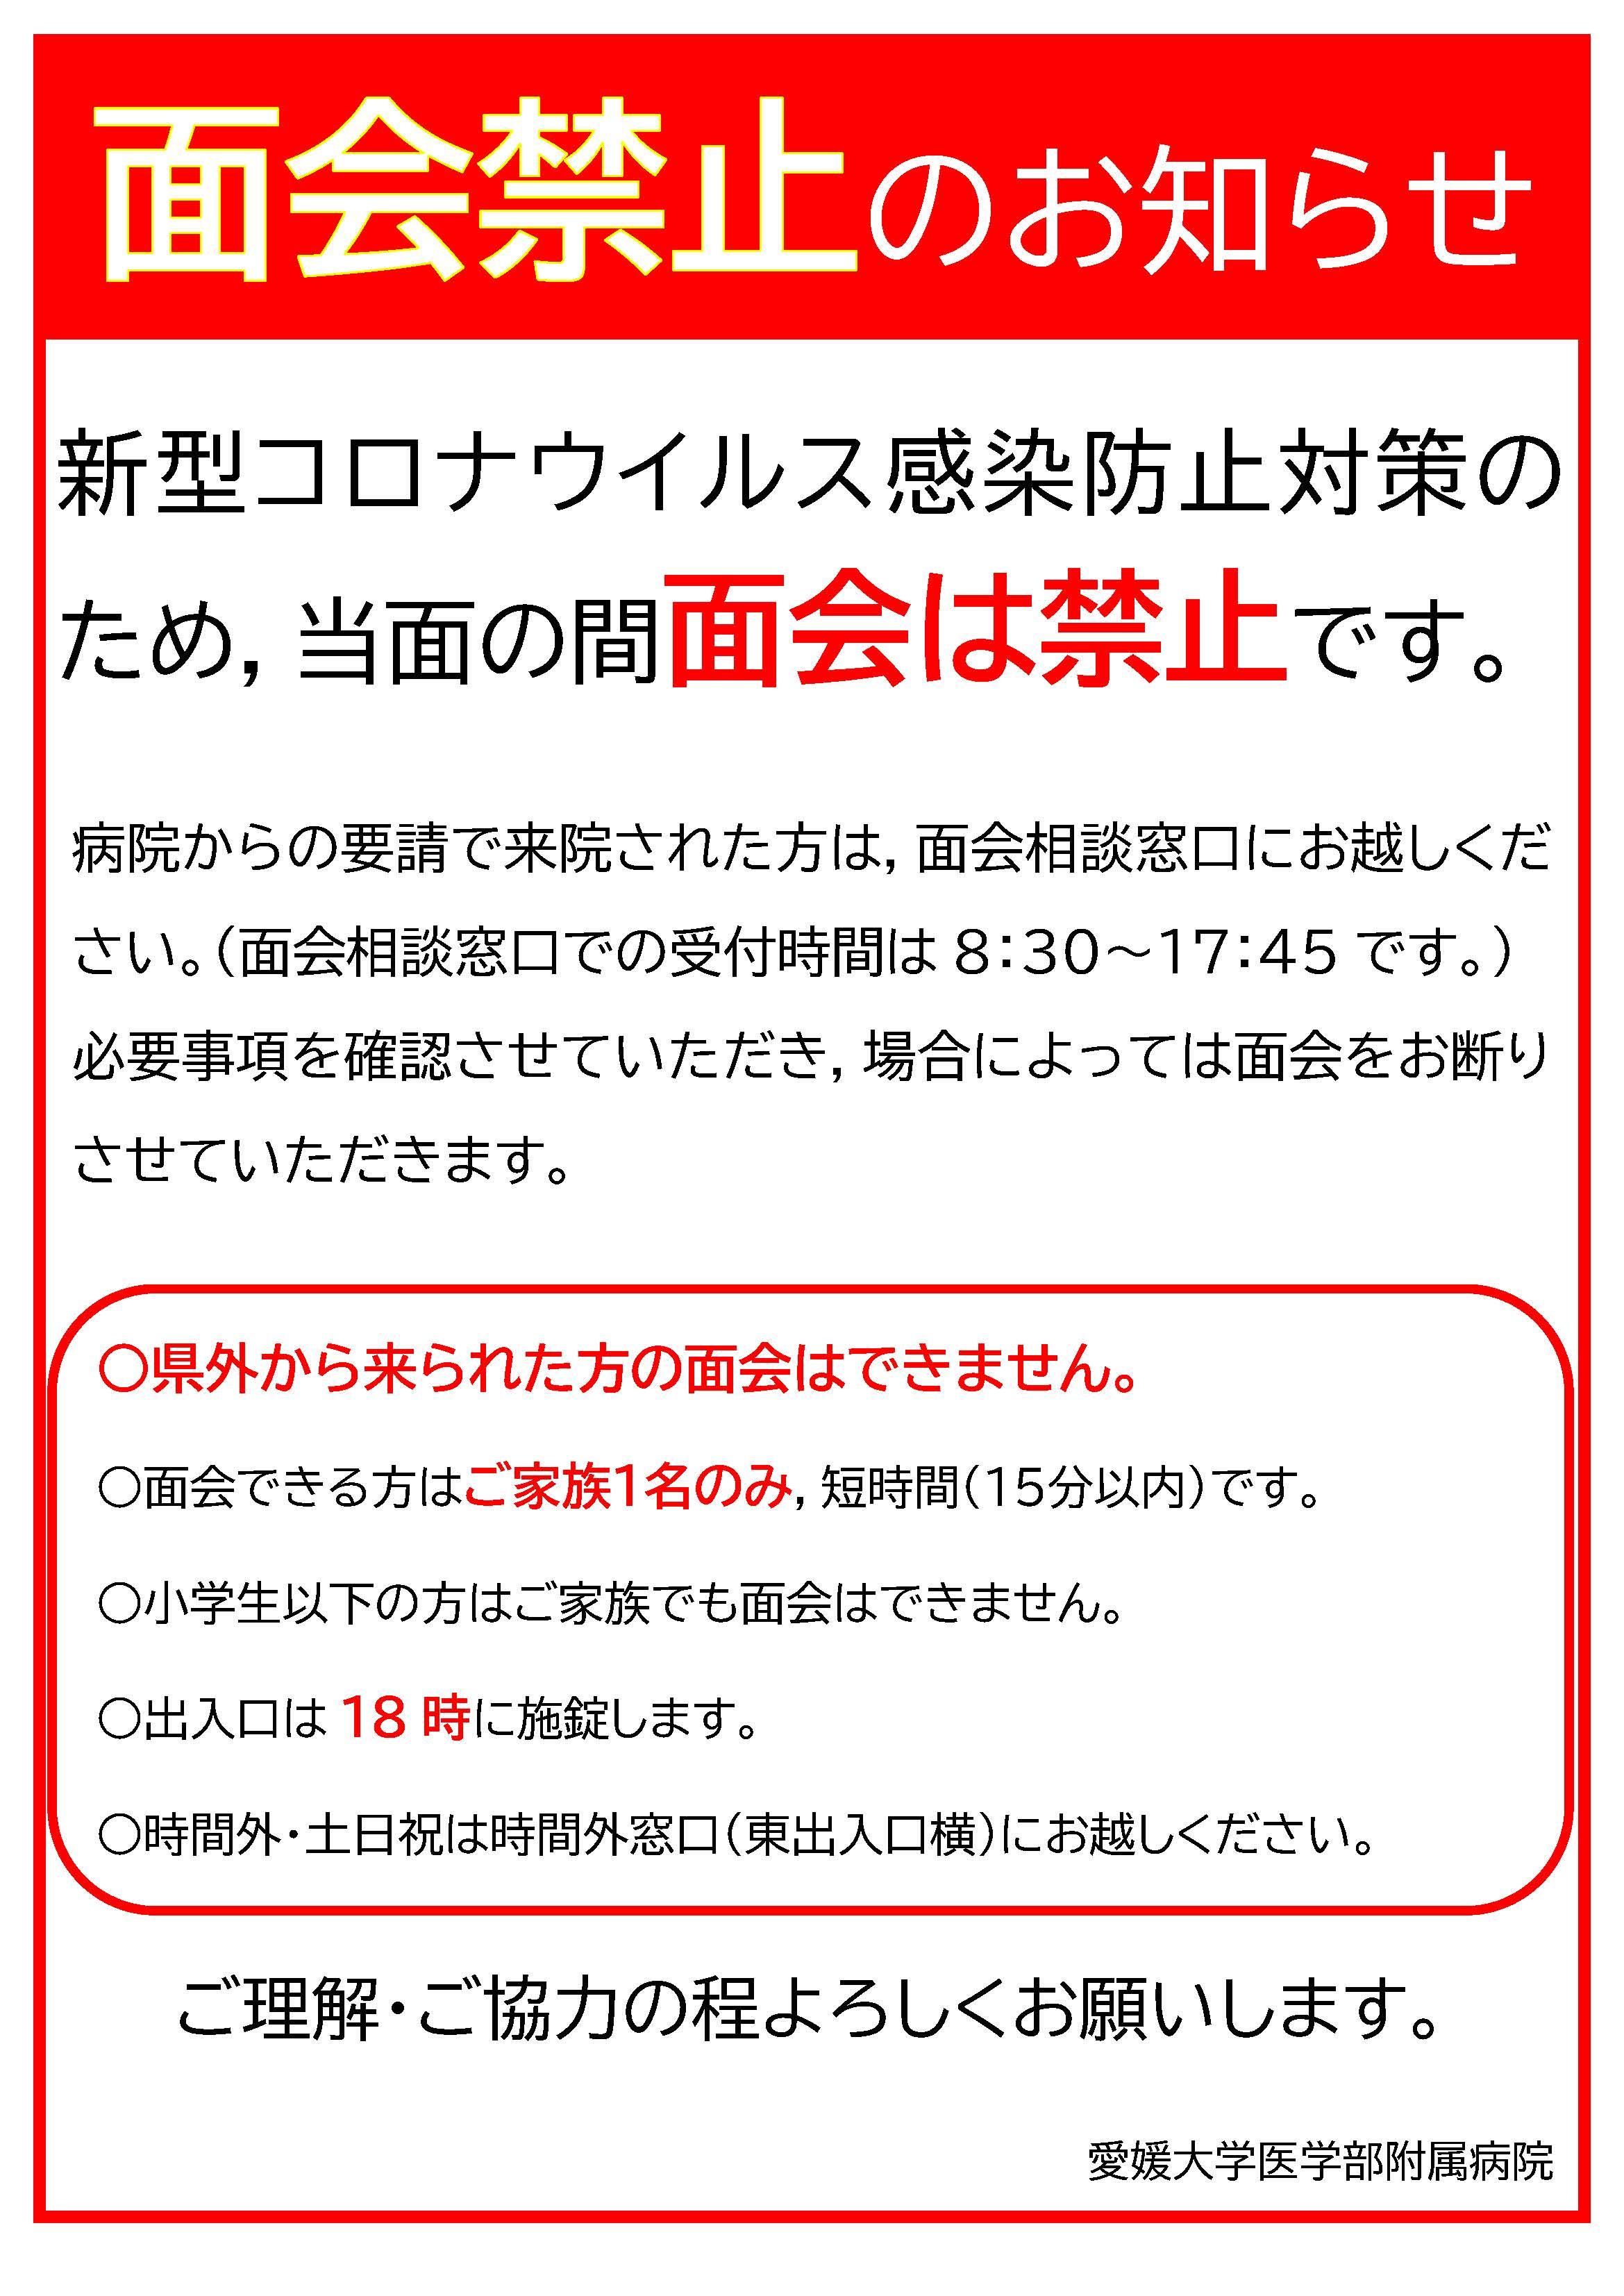 県 コロナ 感染 愛媛 ウイルス